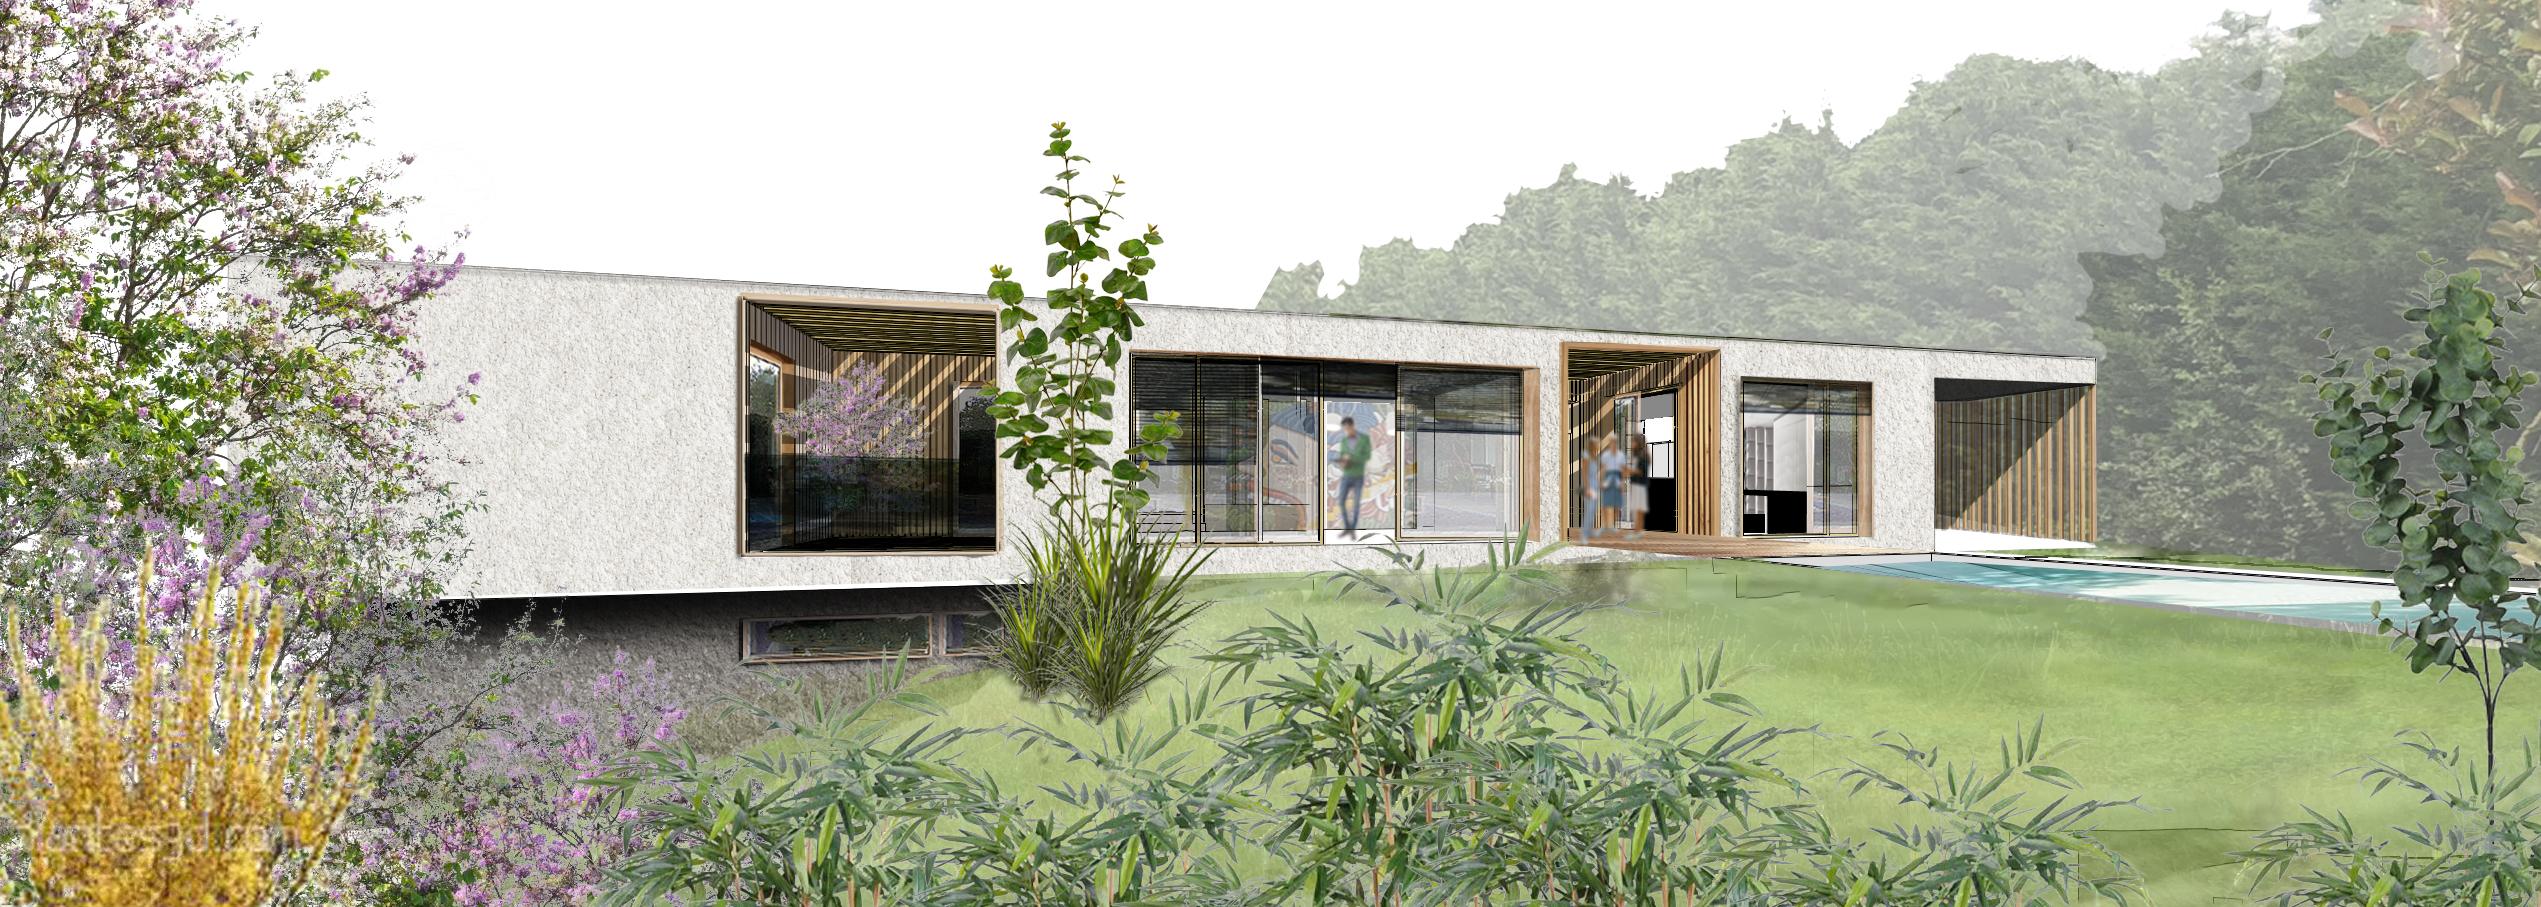 maison bois contemporaine Lyon